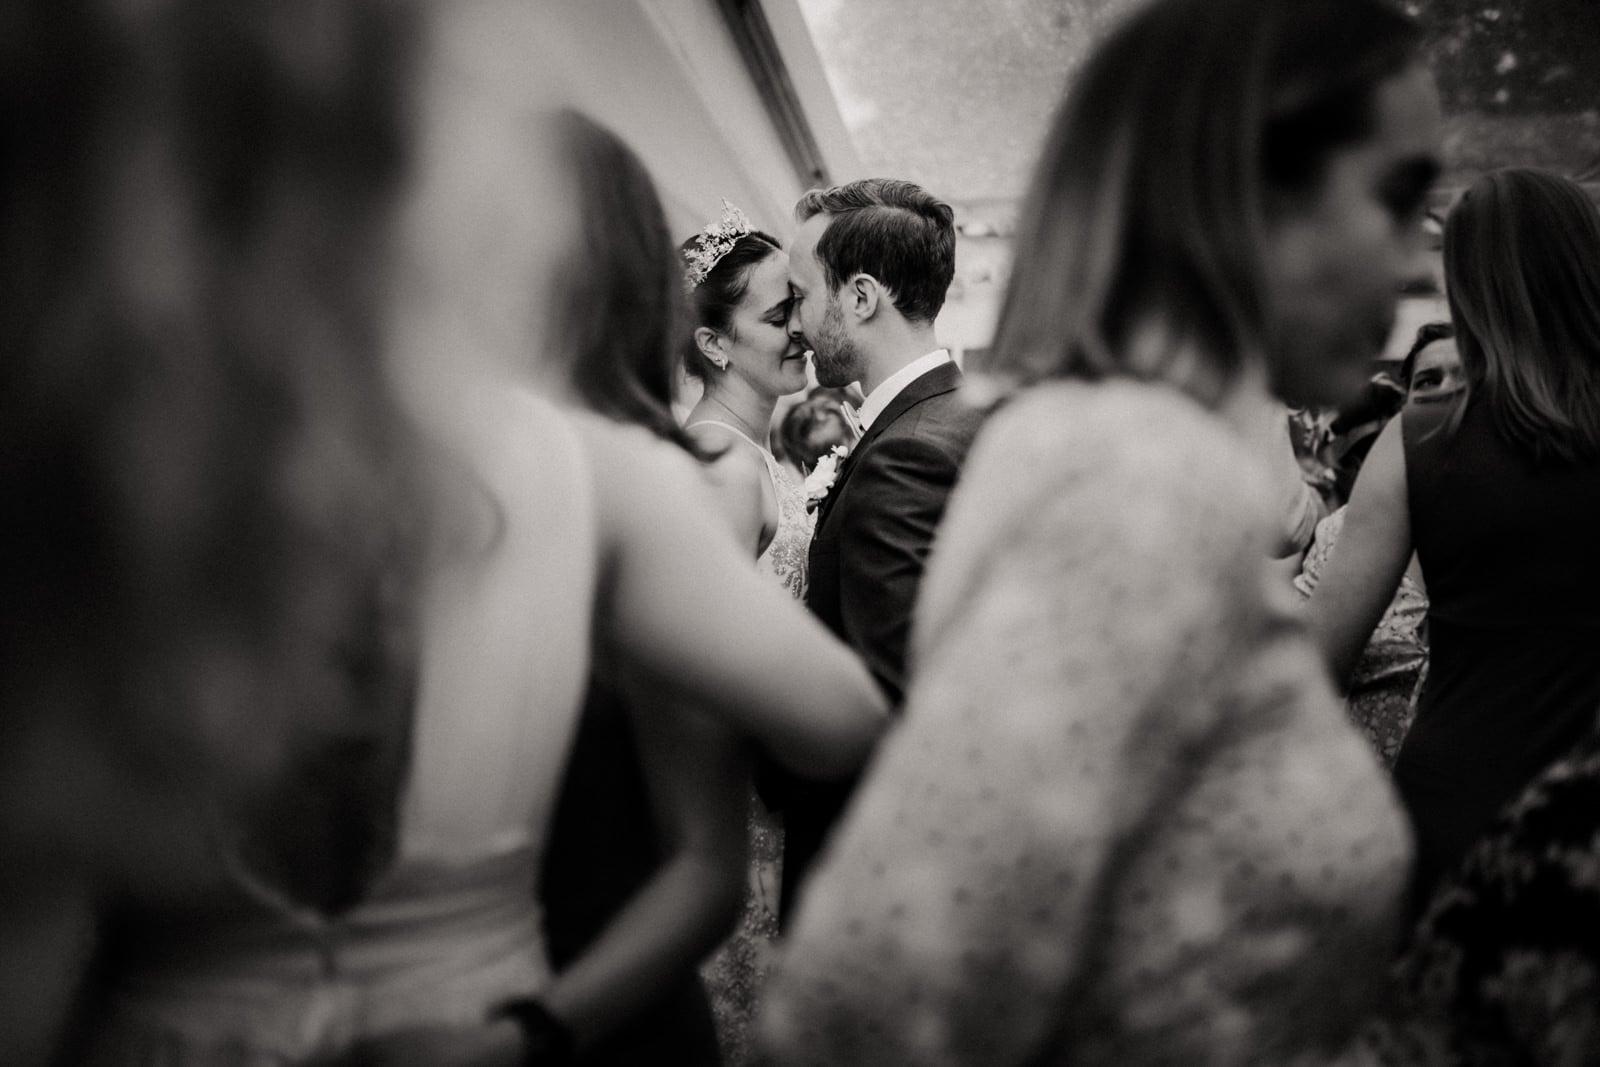 dancefloor-mariage-londres